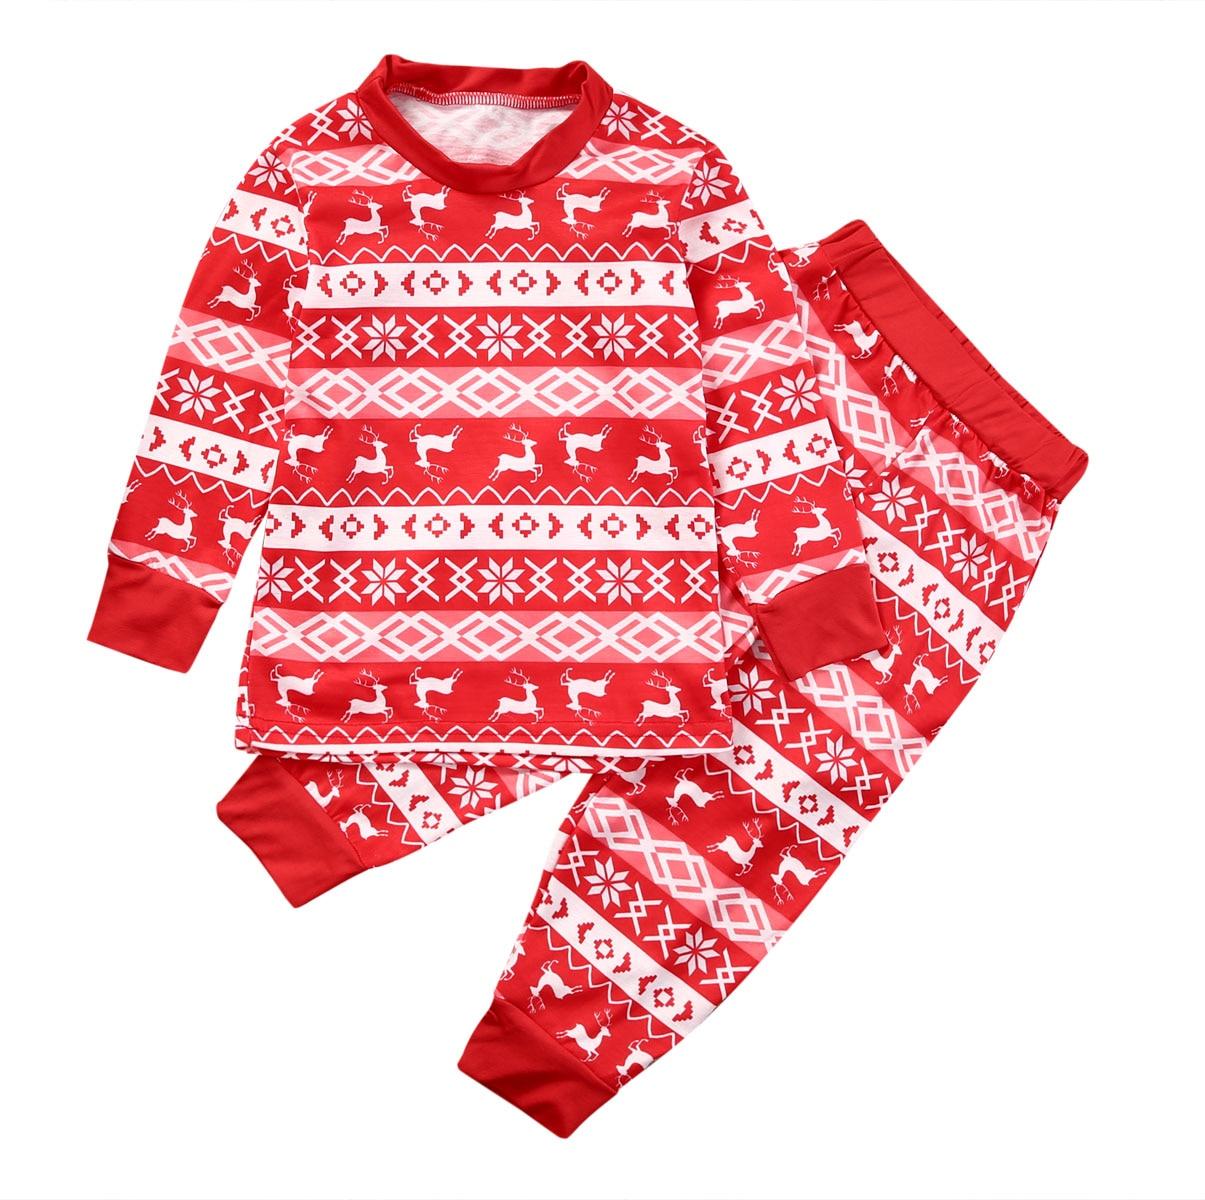 8bb9c5dec3c5 Новогодние товары детская одежда для маленьких мальчиков и девочек комплект олень  пижама ночная рубашка; одежда для сна с длинным рукавом Футболка +штаны, ...